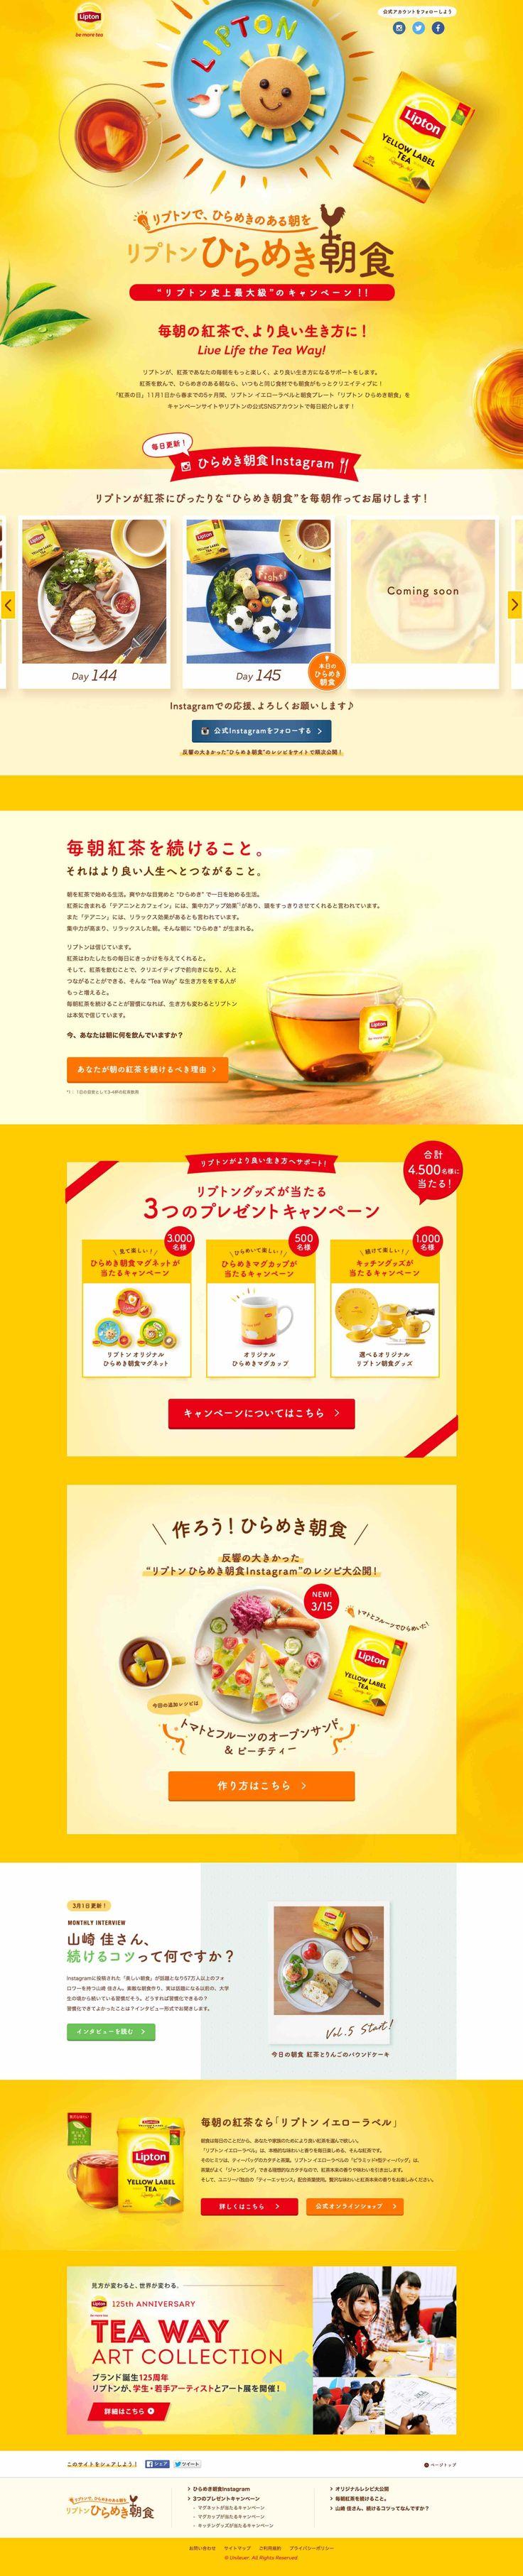 リプトン http://brand.lipton.jp/leaf/hirameki/